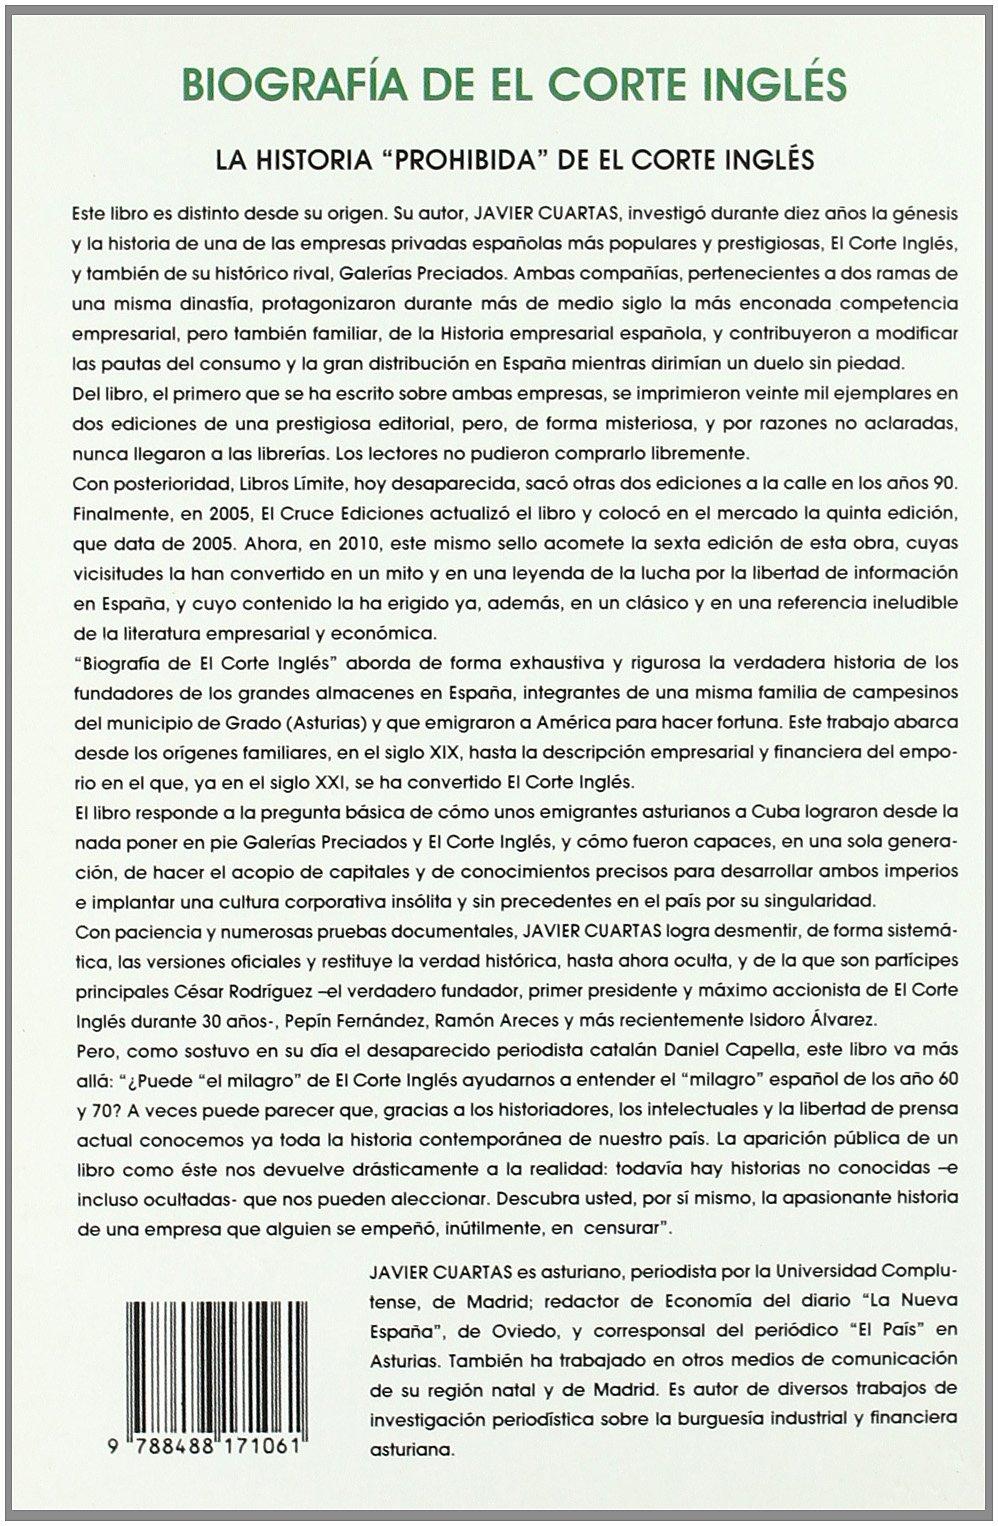 Biografía de el Corte Inglés: Amazon.co.uk: Javier Cuartas ...